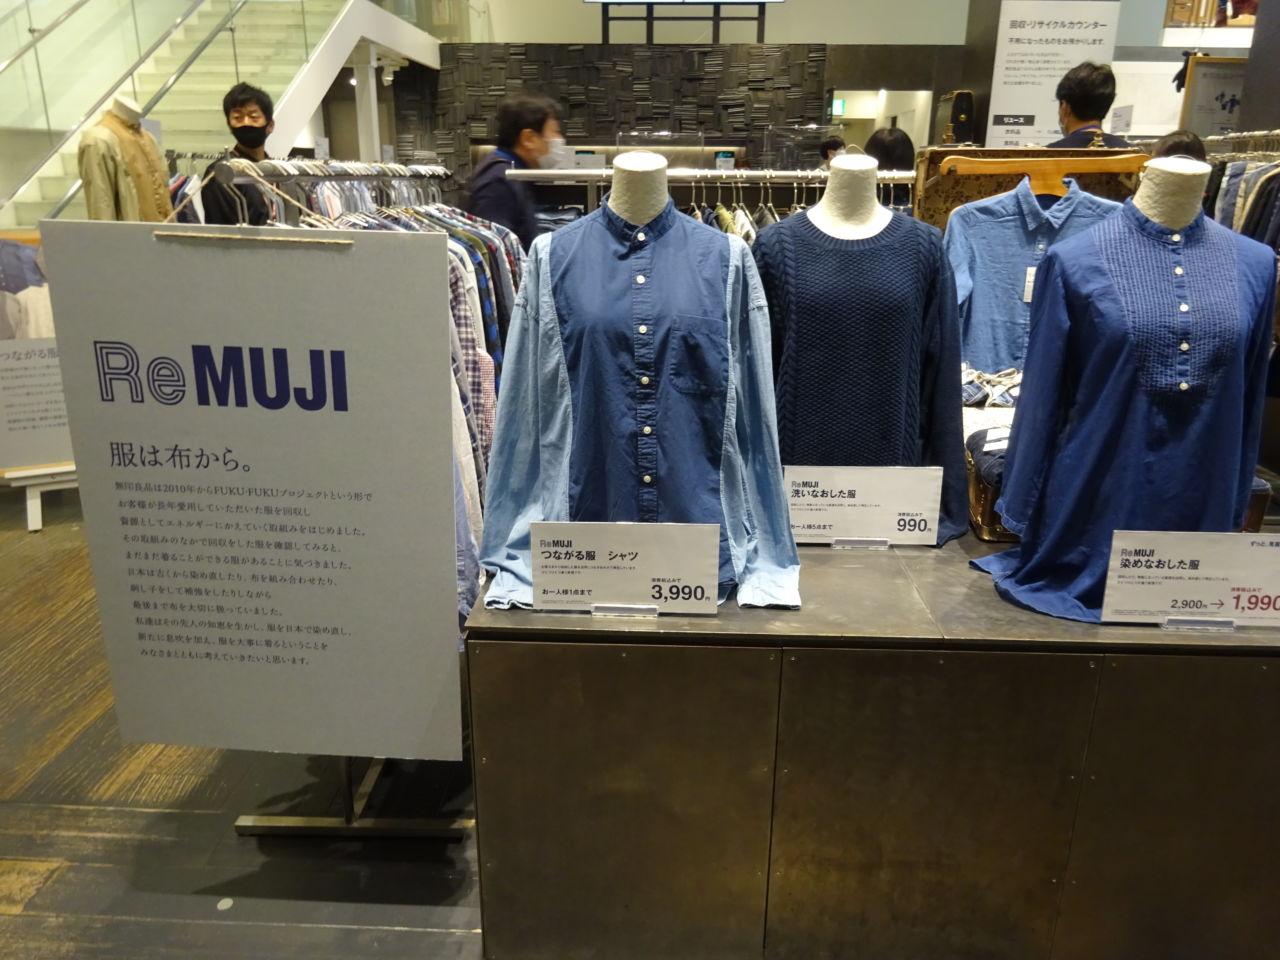 回収した衣料品を再商品化する「ReMUJI」コーナー